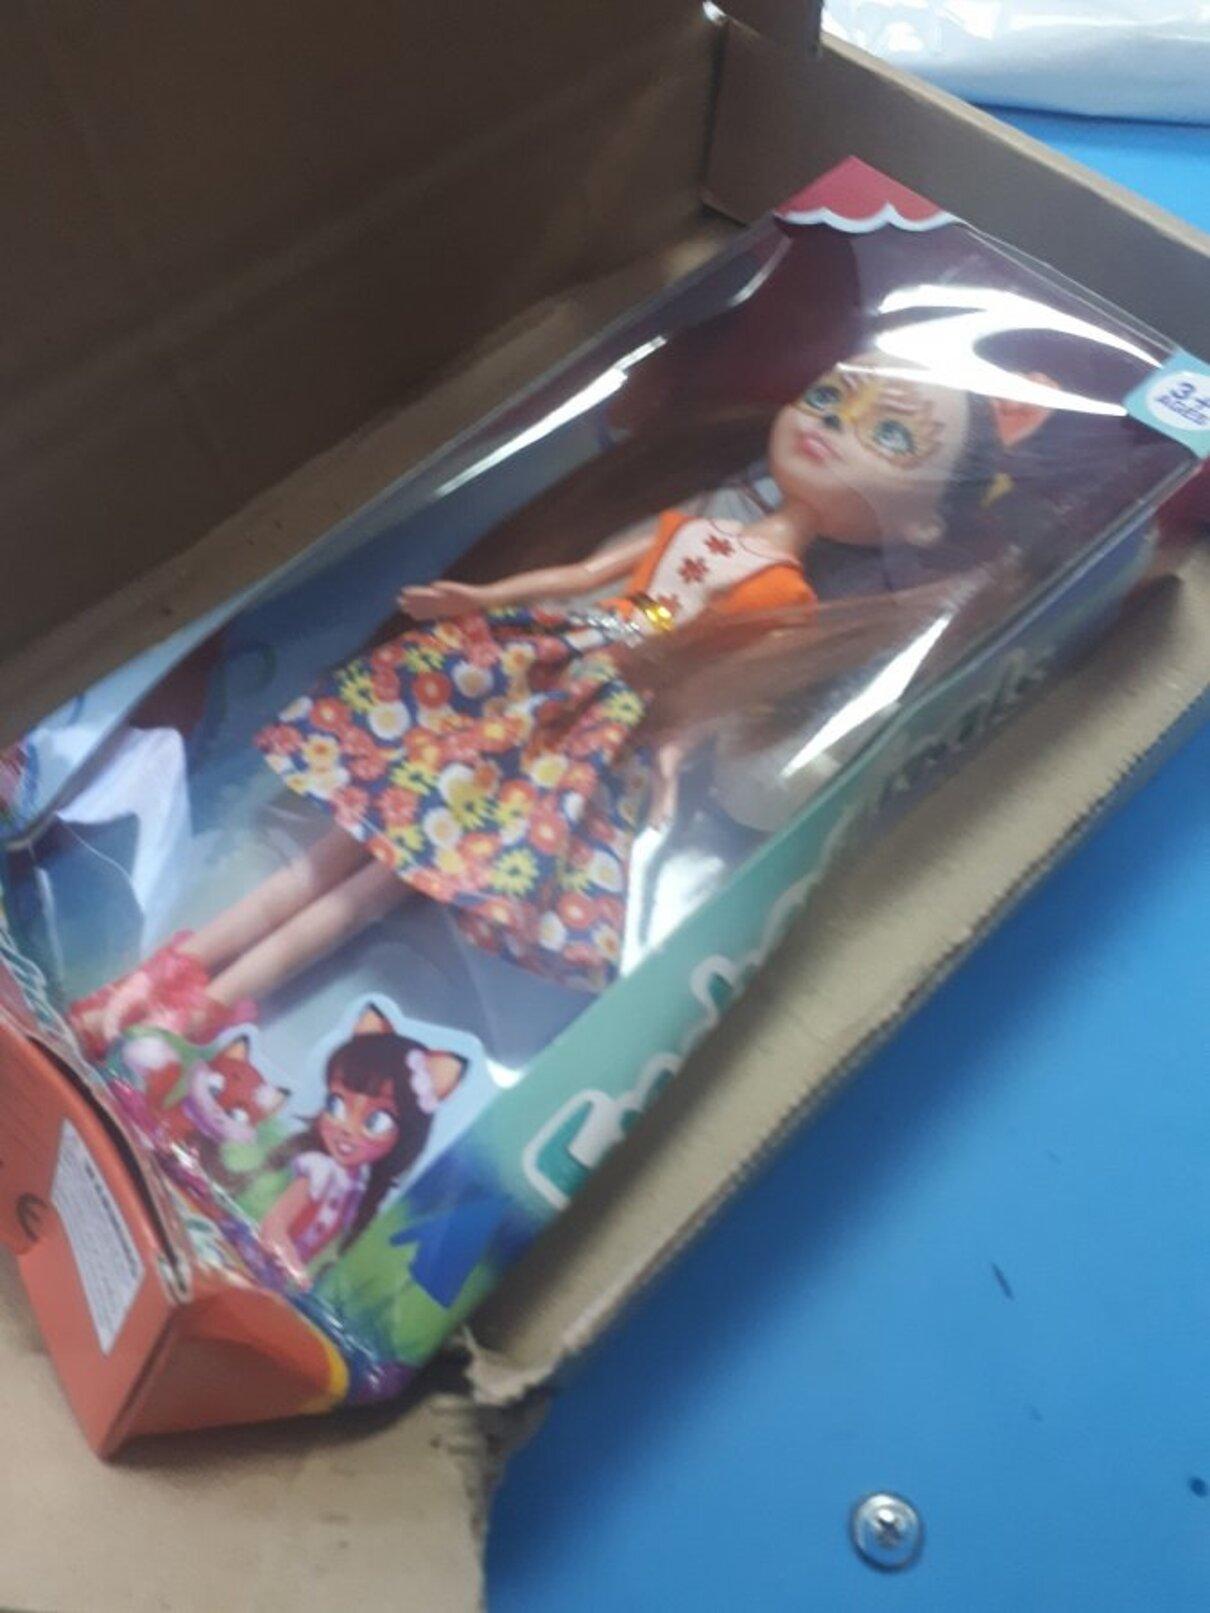 Жалоба-отзыв: Коллекционные куклы Blythe - Ожидание и реальность. Мошенничество чистой воды!.  Фото №2